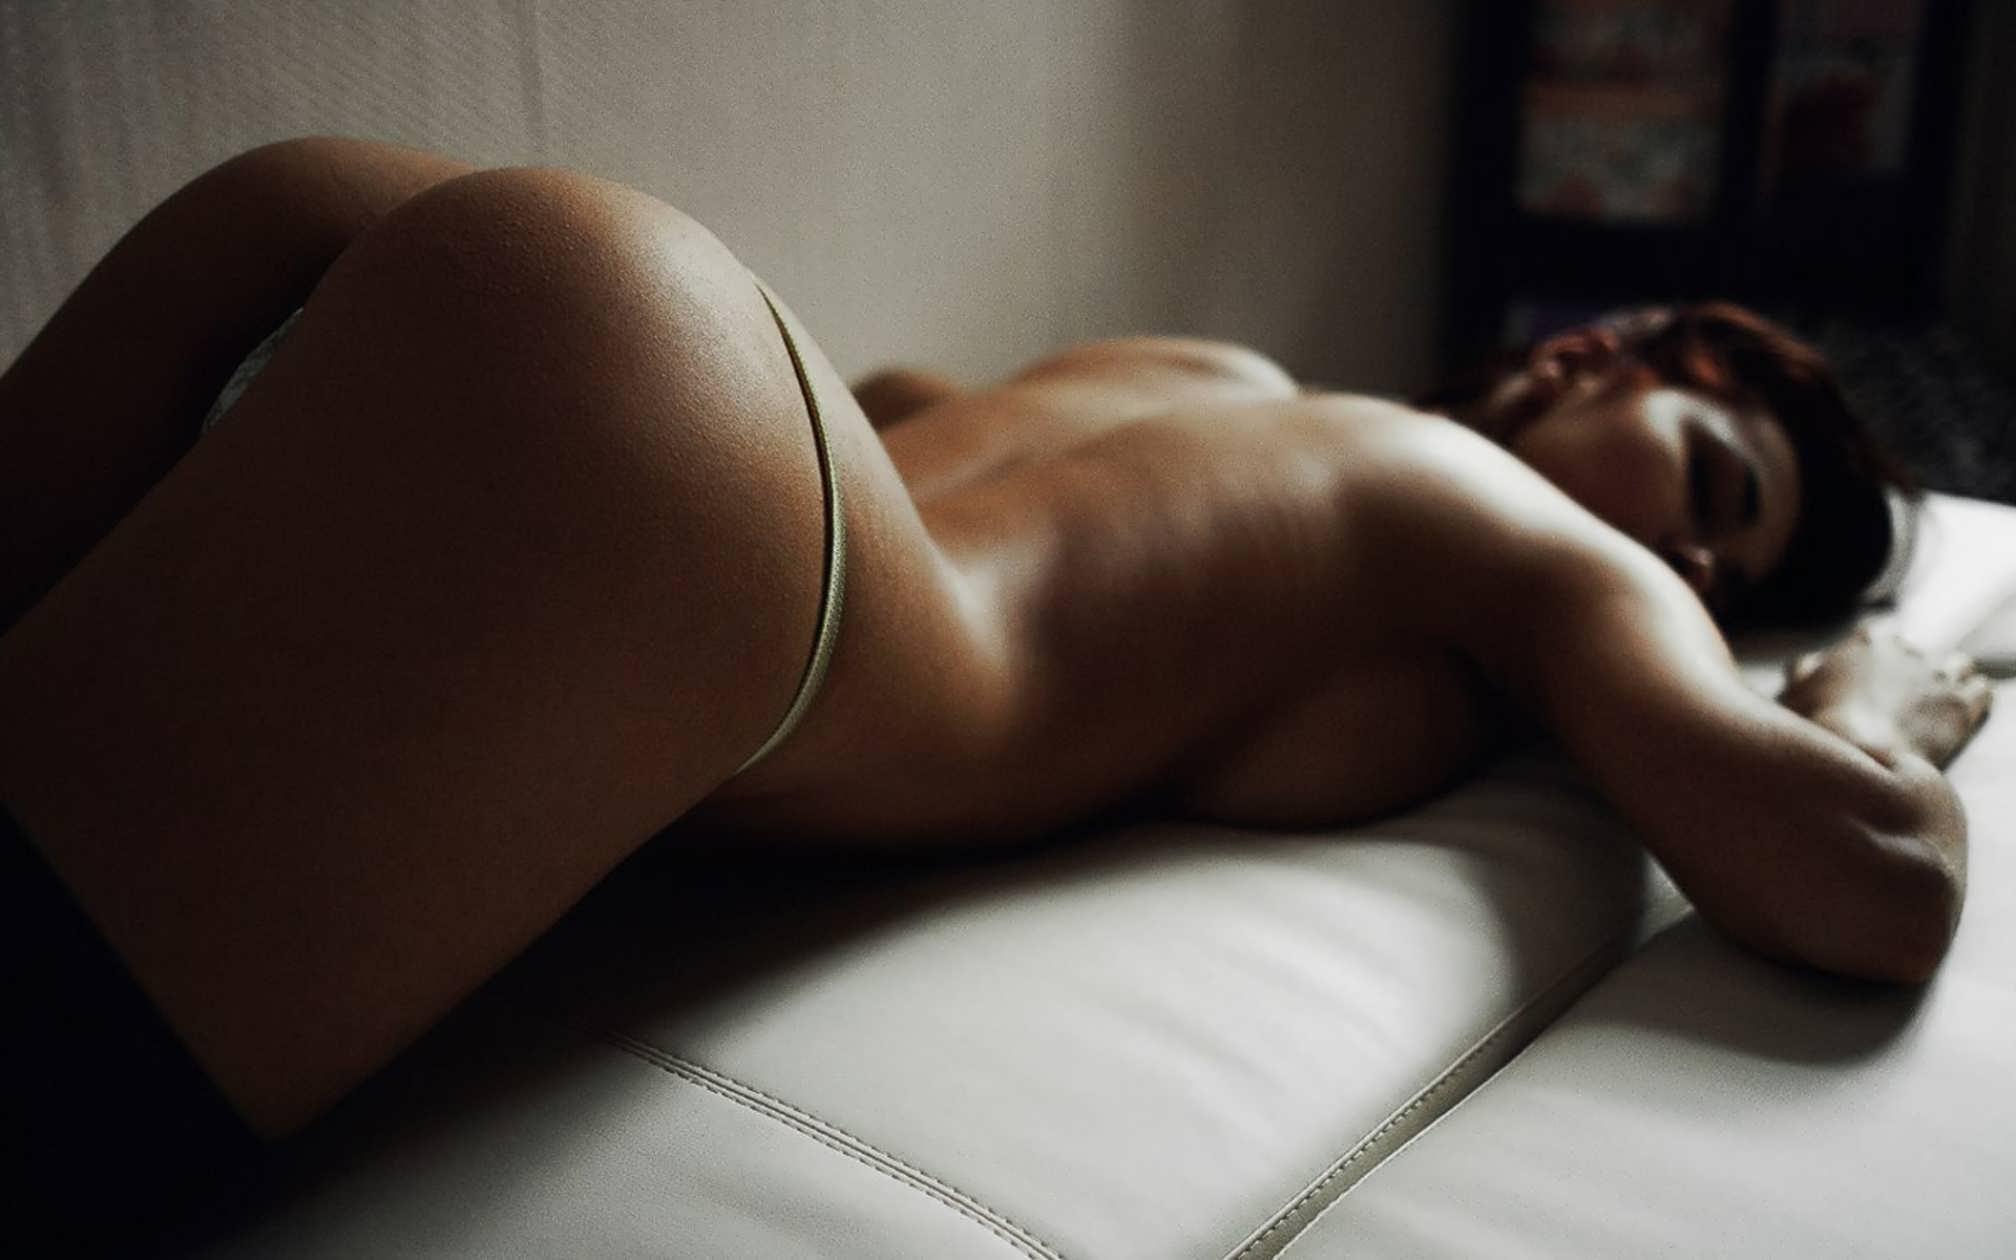 Эротический массаж с продолжением тольятти 11 фотография